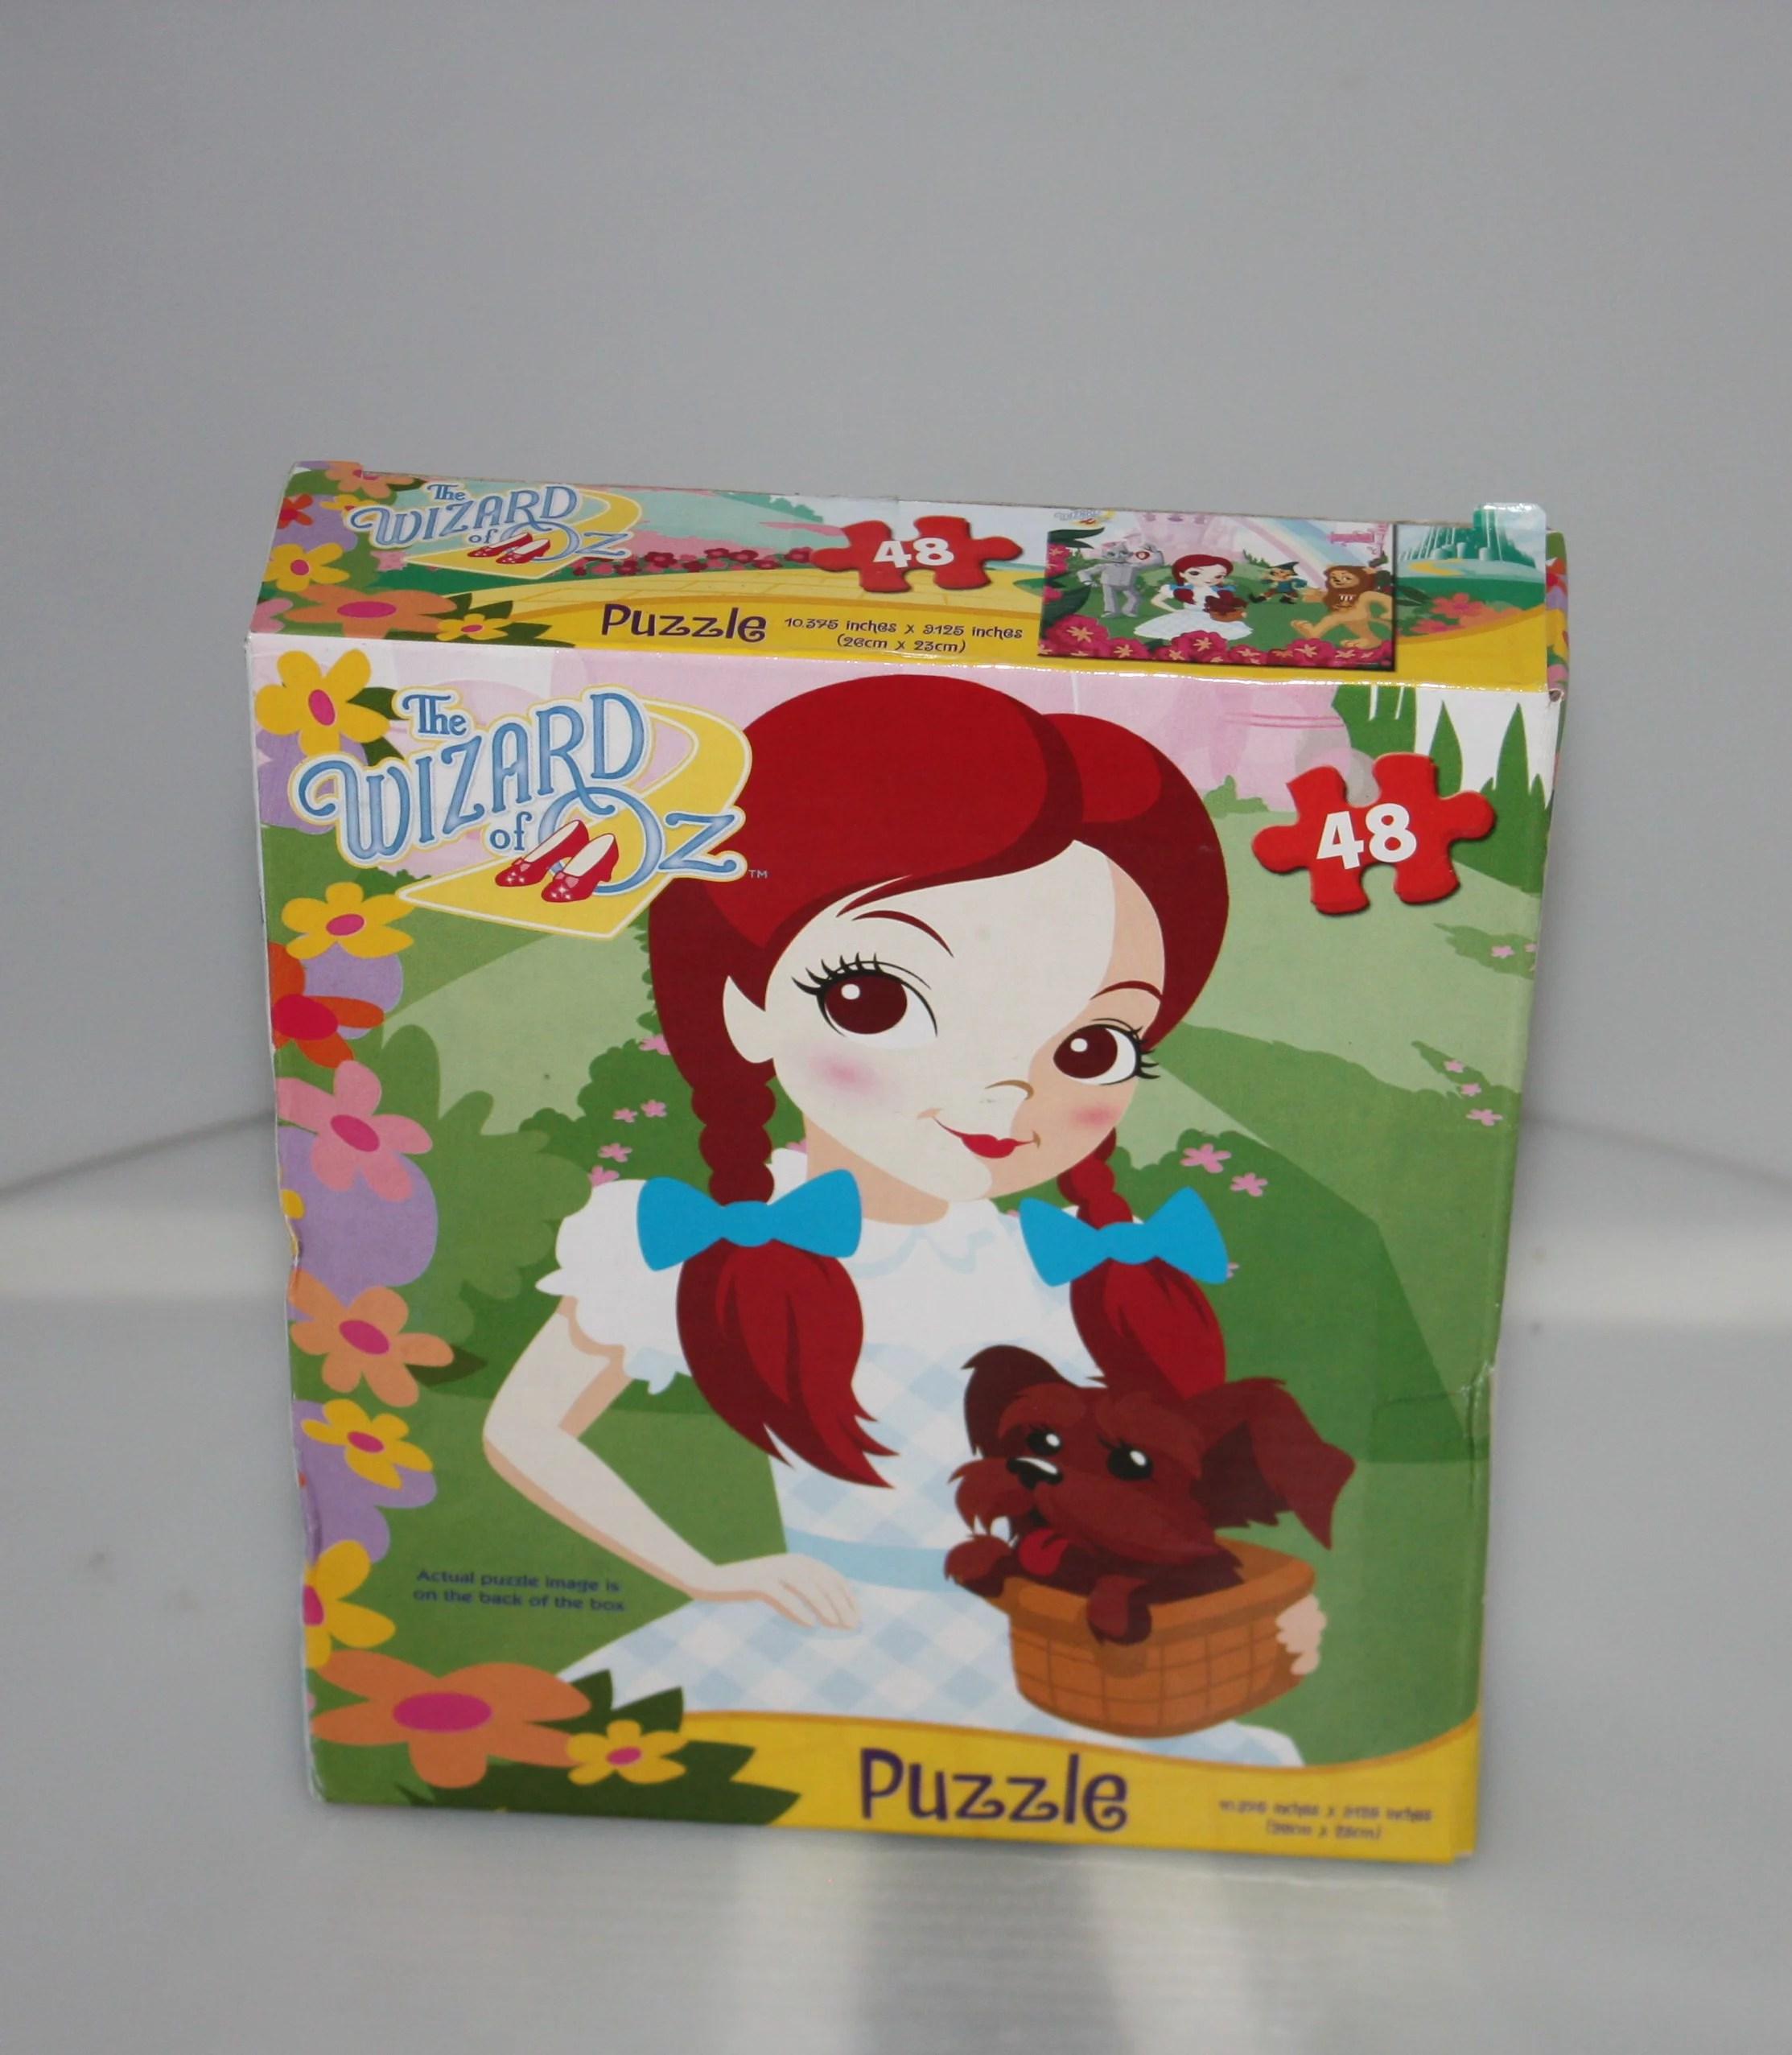 Wizard Of Oz Puzzle 48 Pieces